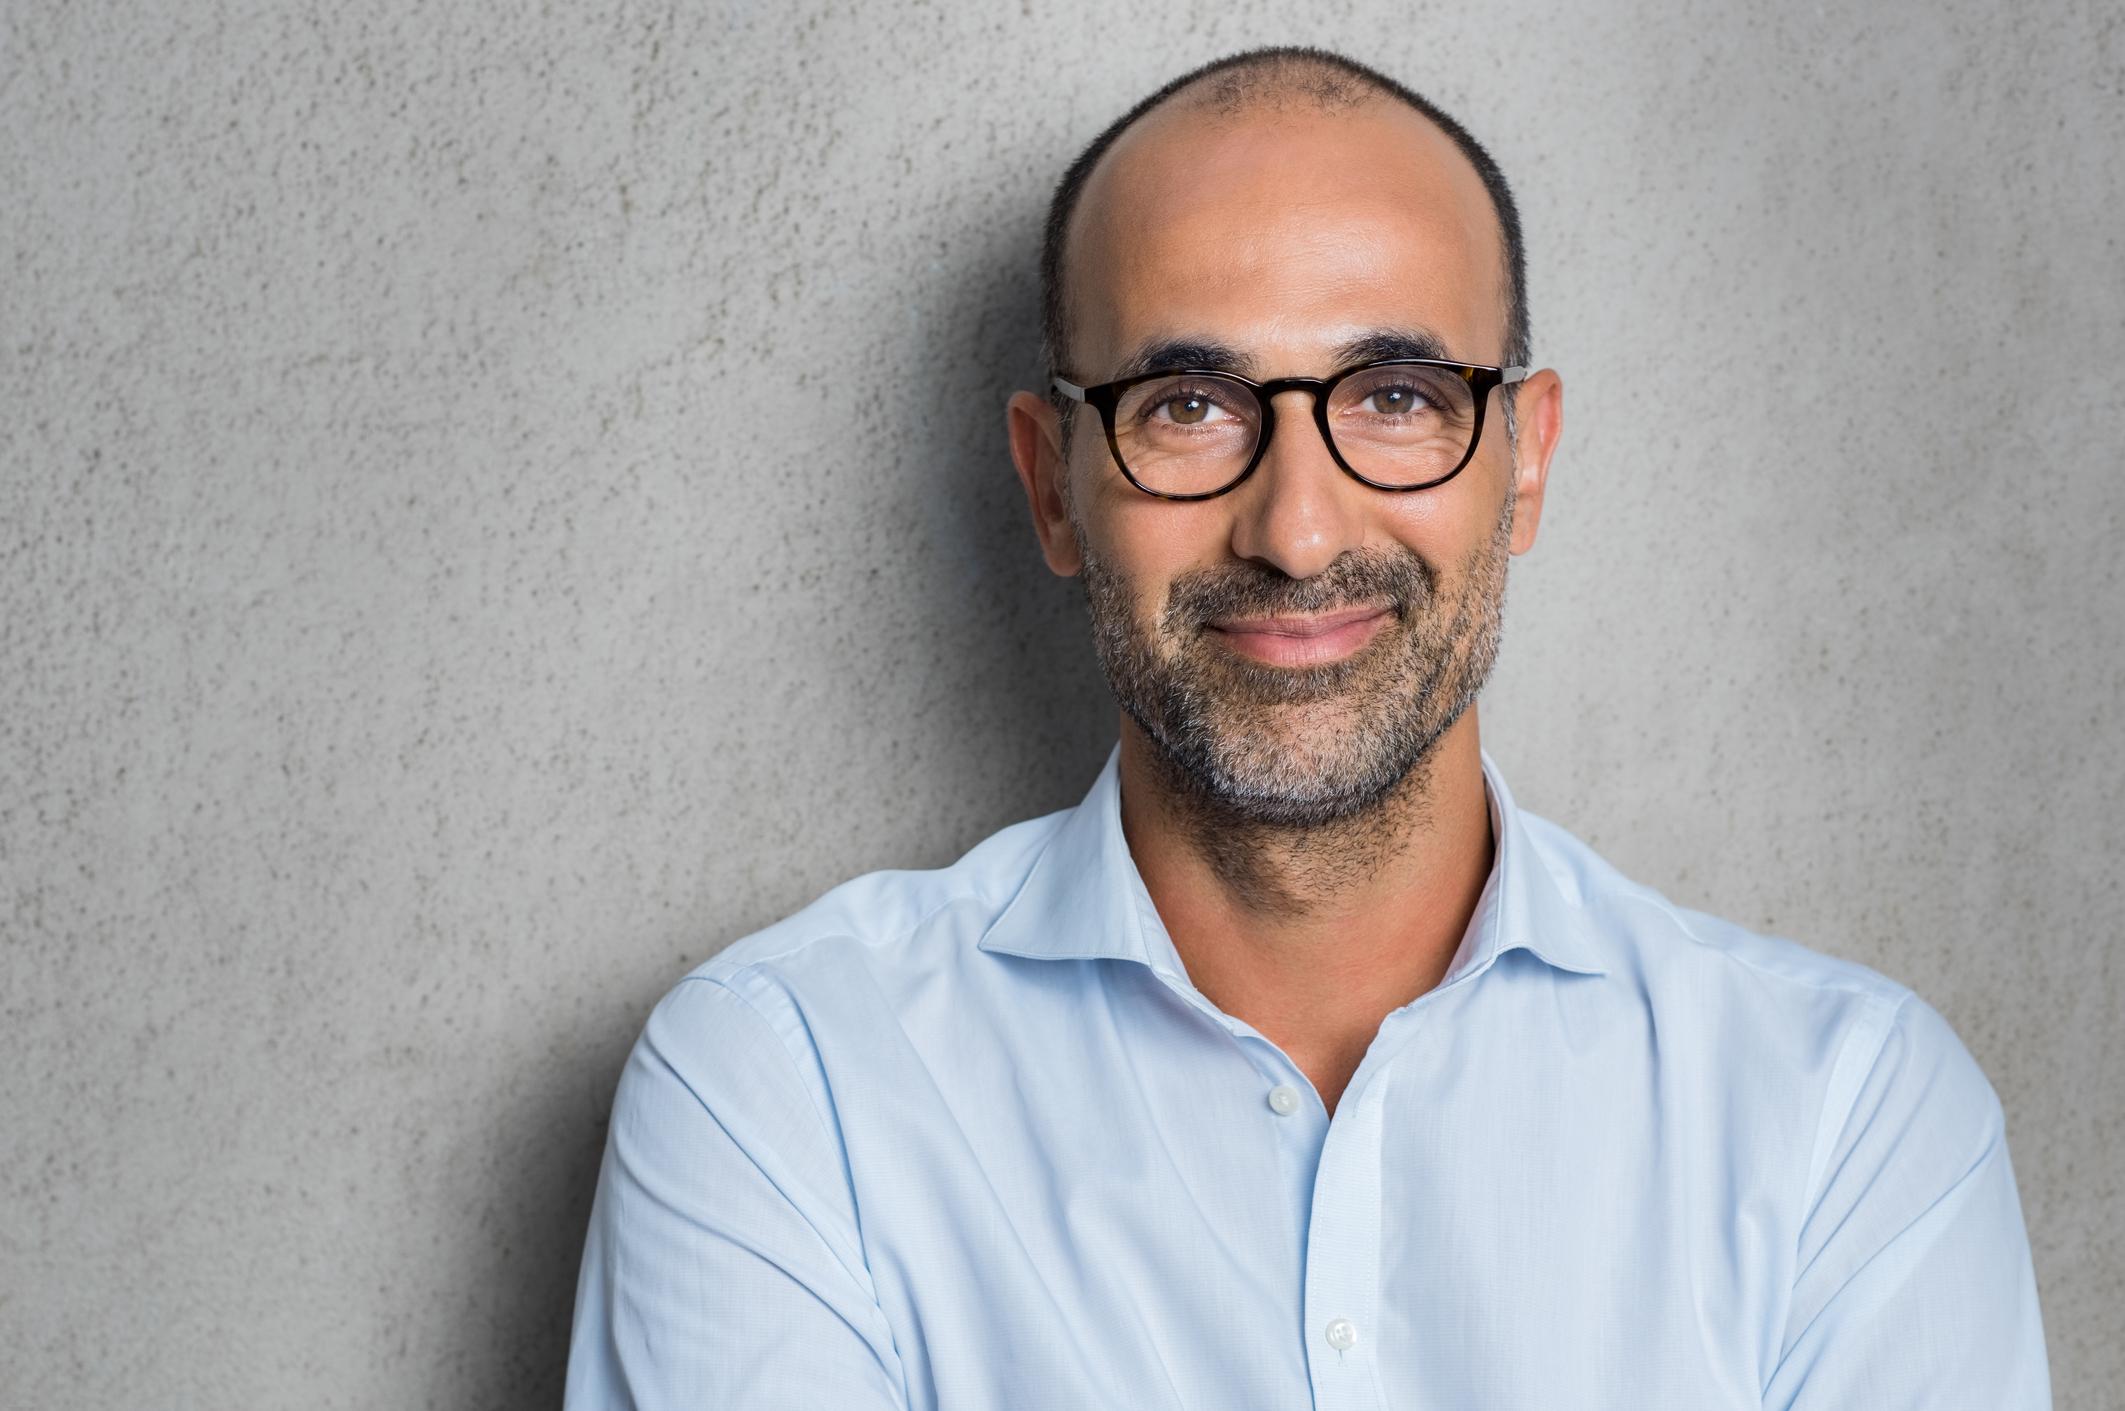 businessman-wearing-eyeglasses-2